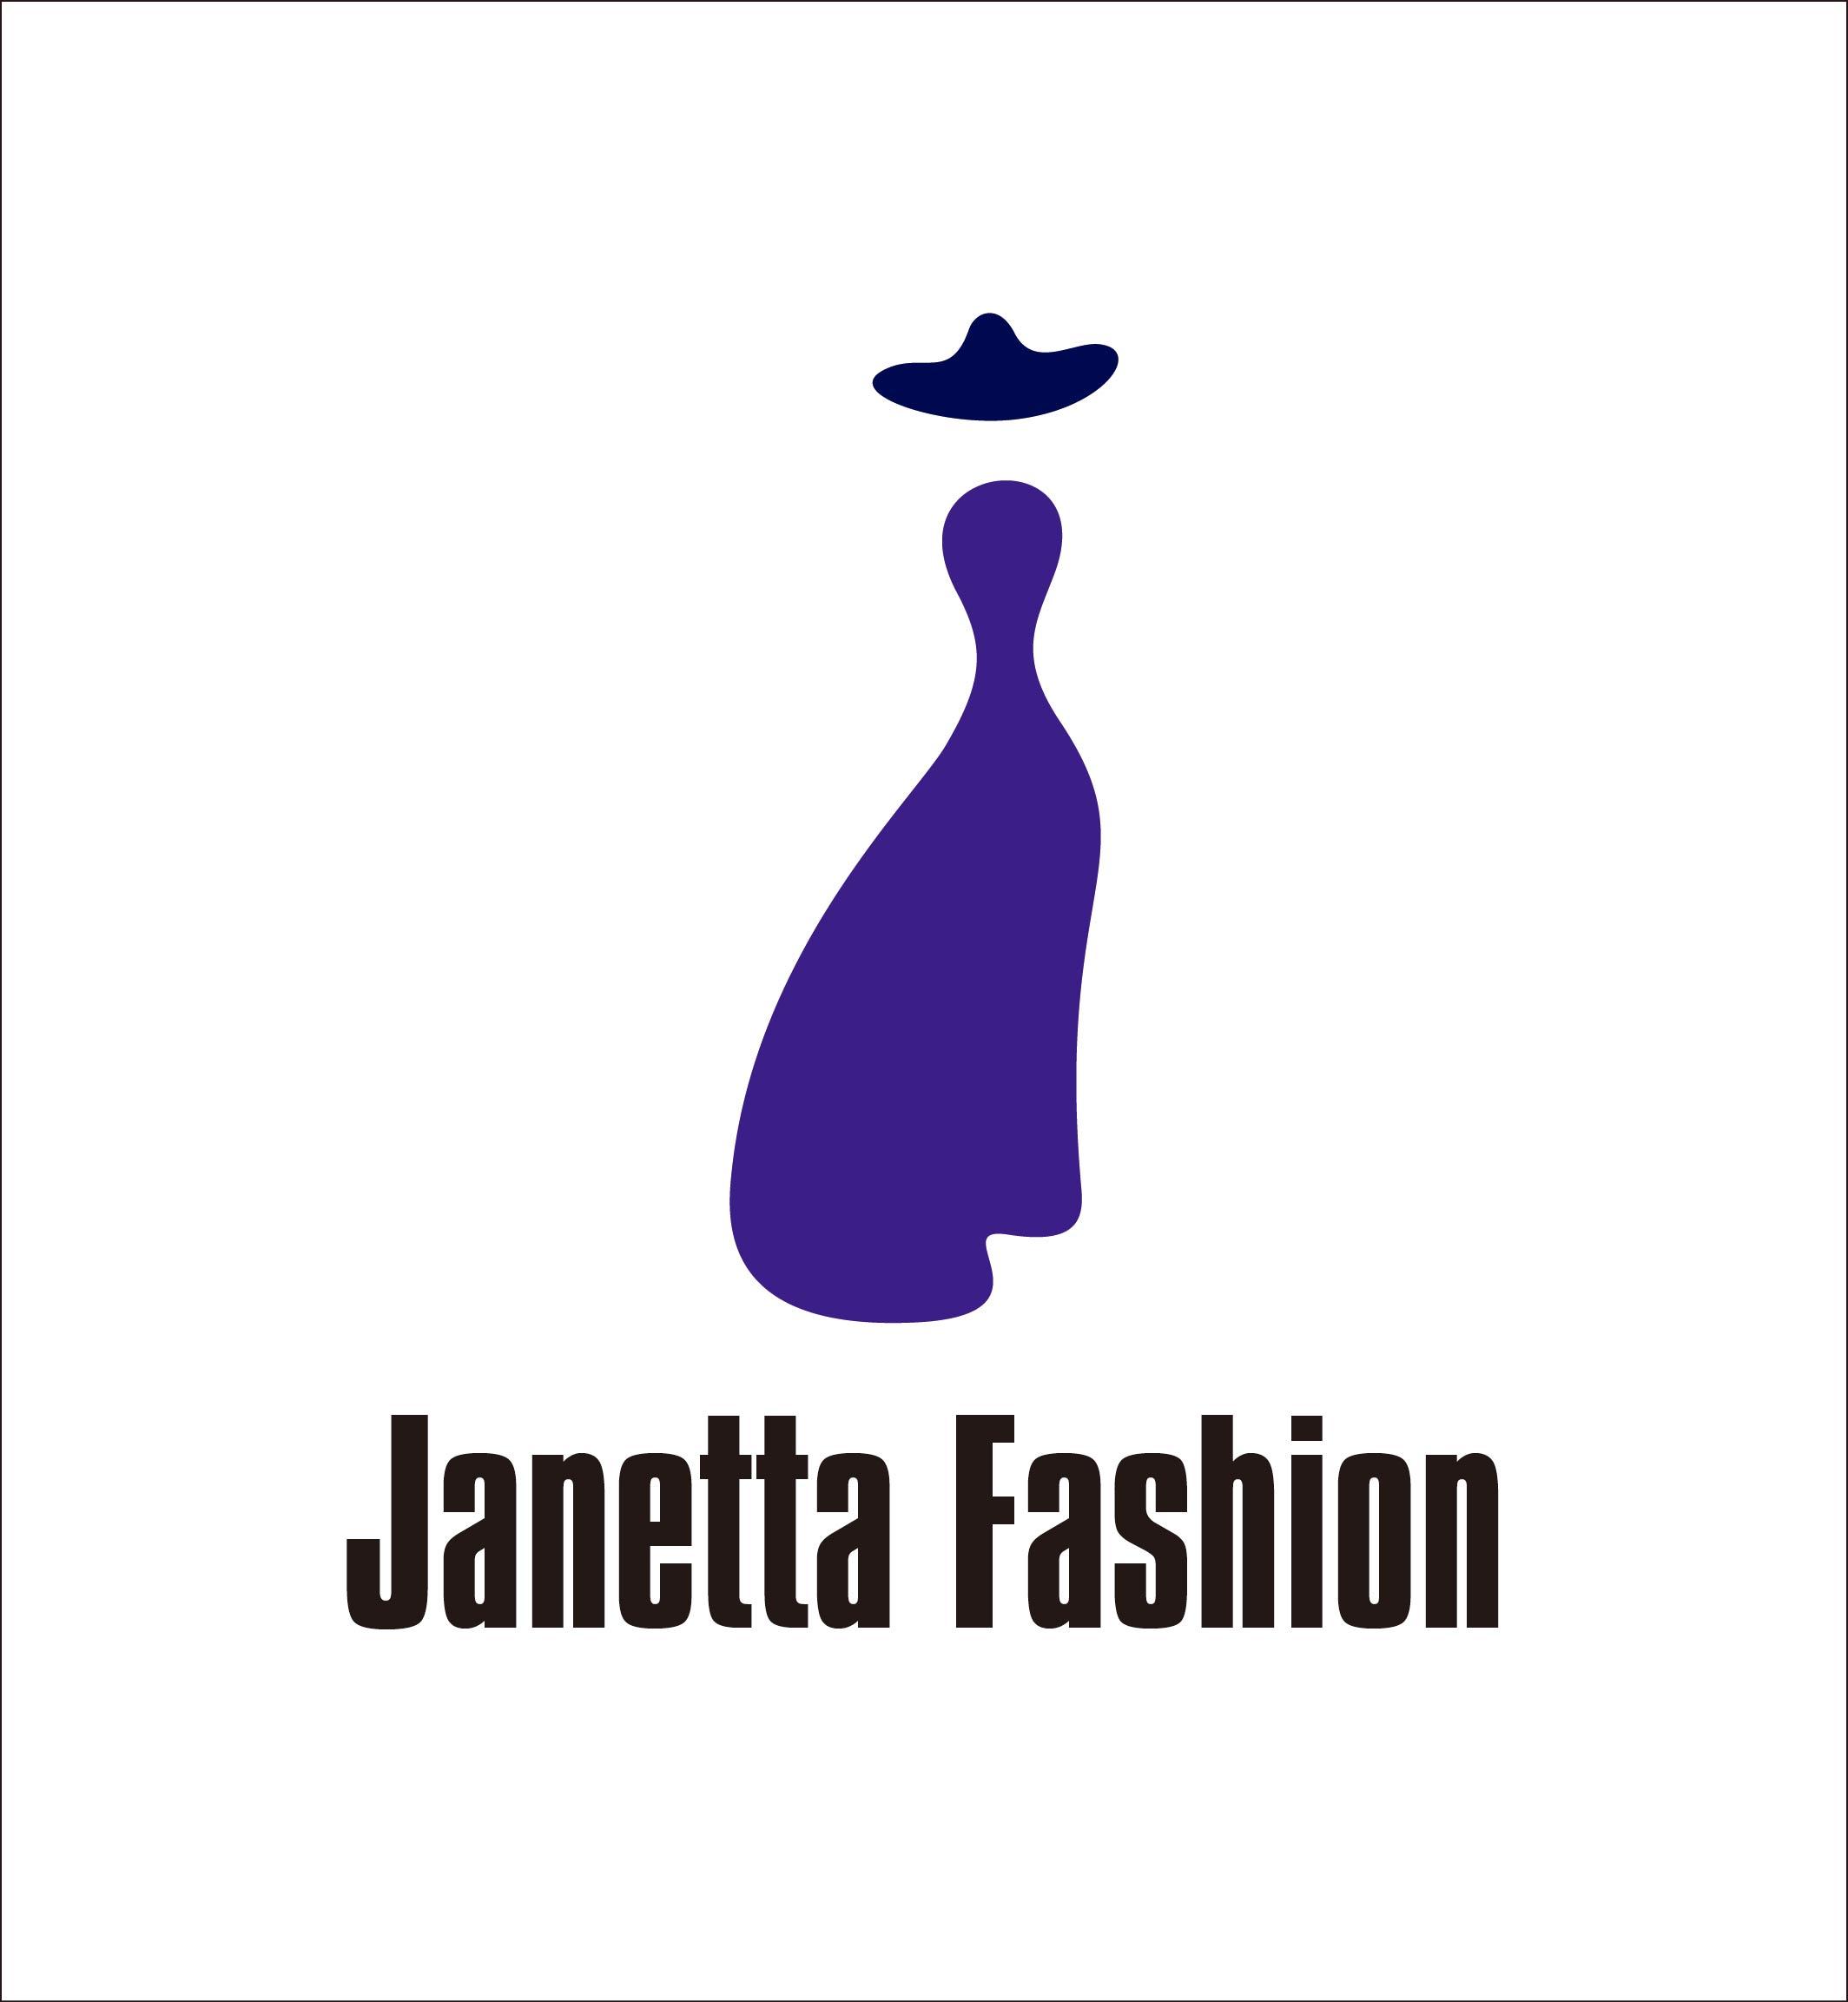 以女性为元素的标志logo设计欣赏